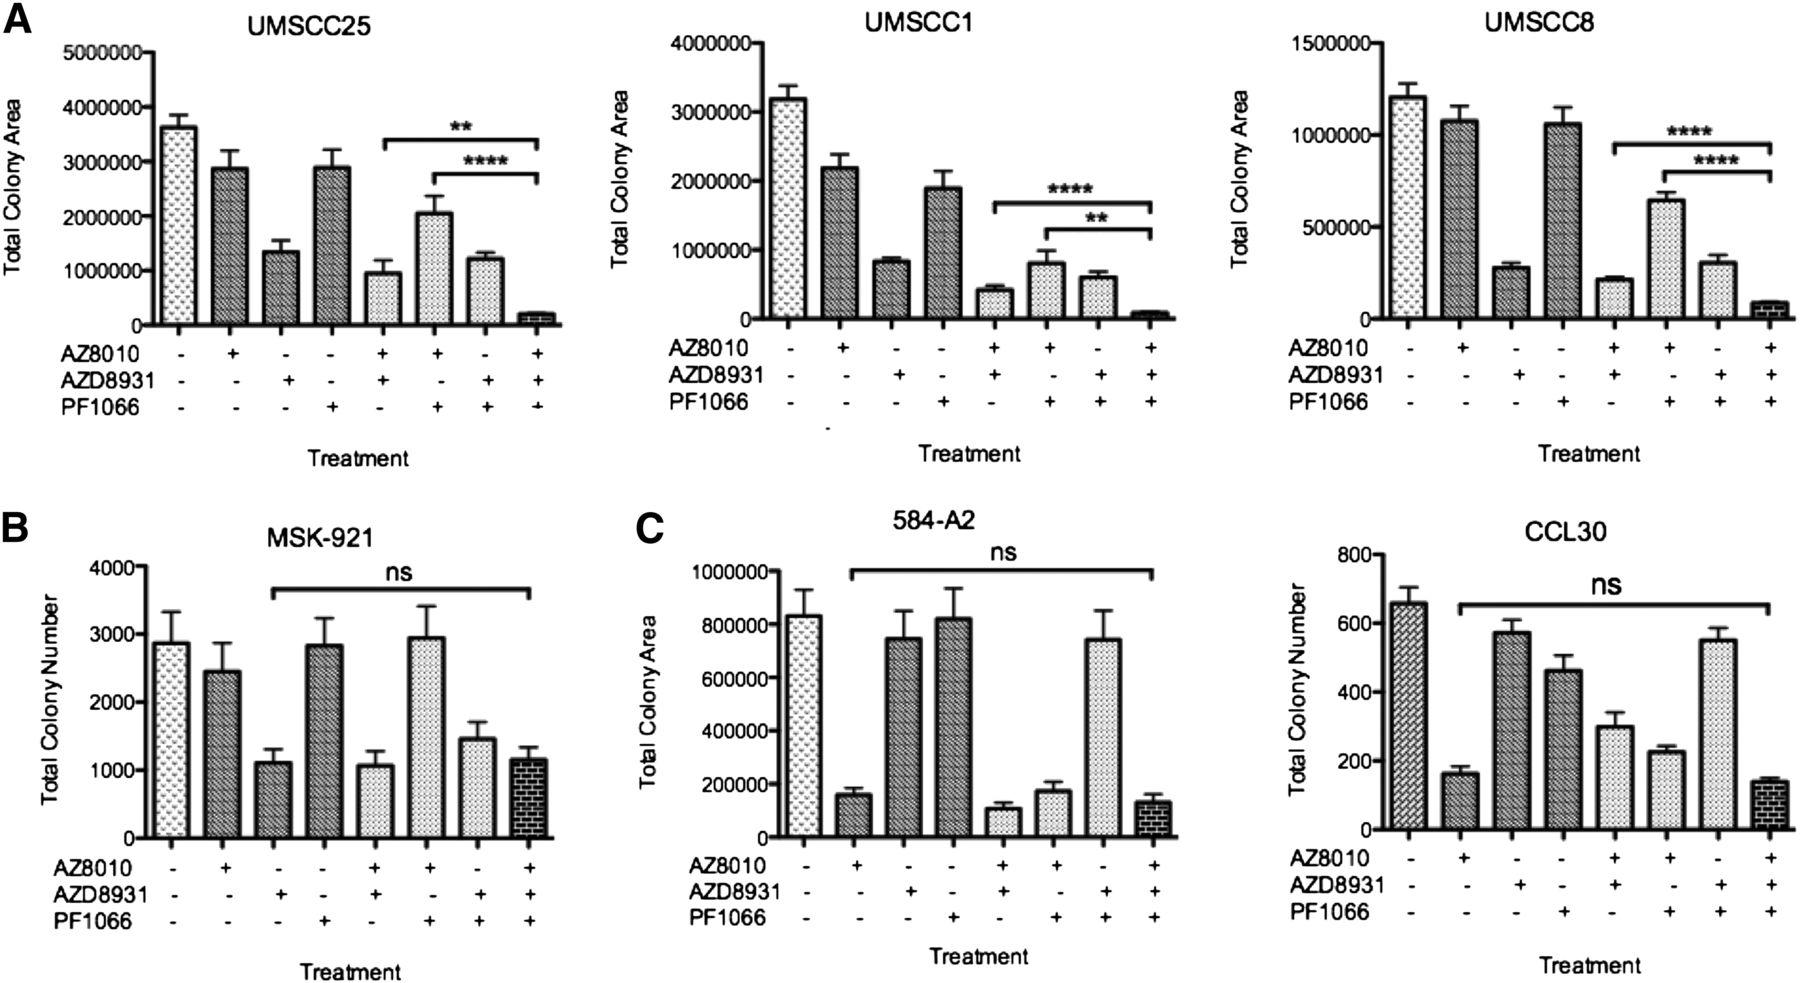 a receptor tyrosine kinase network composed of fibroblast growth factor receptors  epidermal